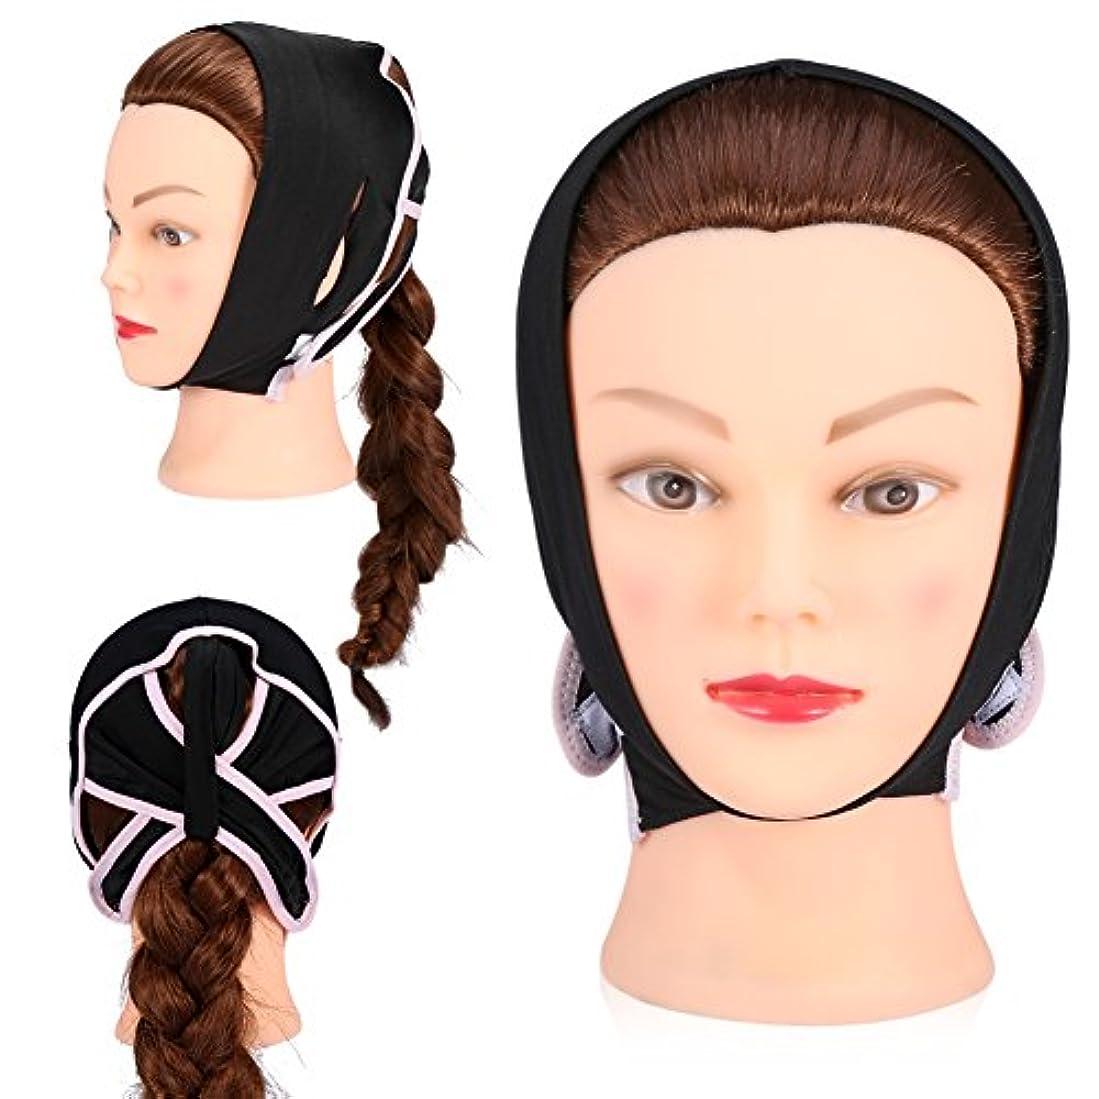 ドライバ彼女はブラスト顔 輪郭 改善 Vフェイス 美容包帯 首 頬 あご引き締めます(M)